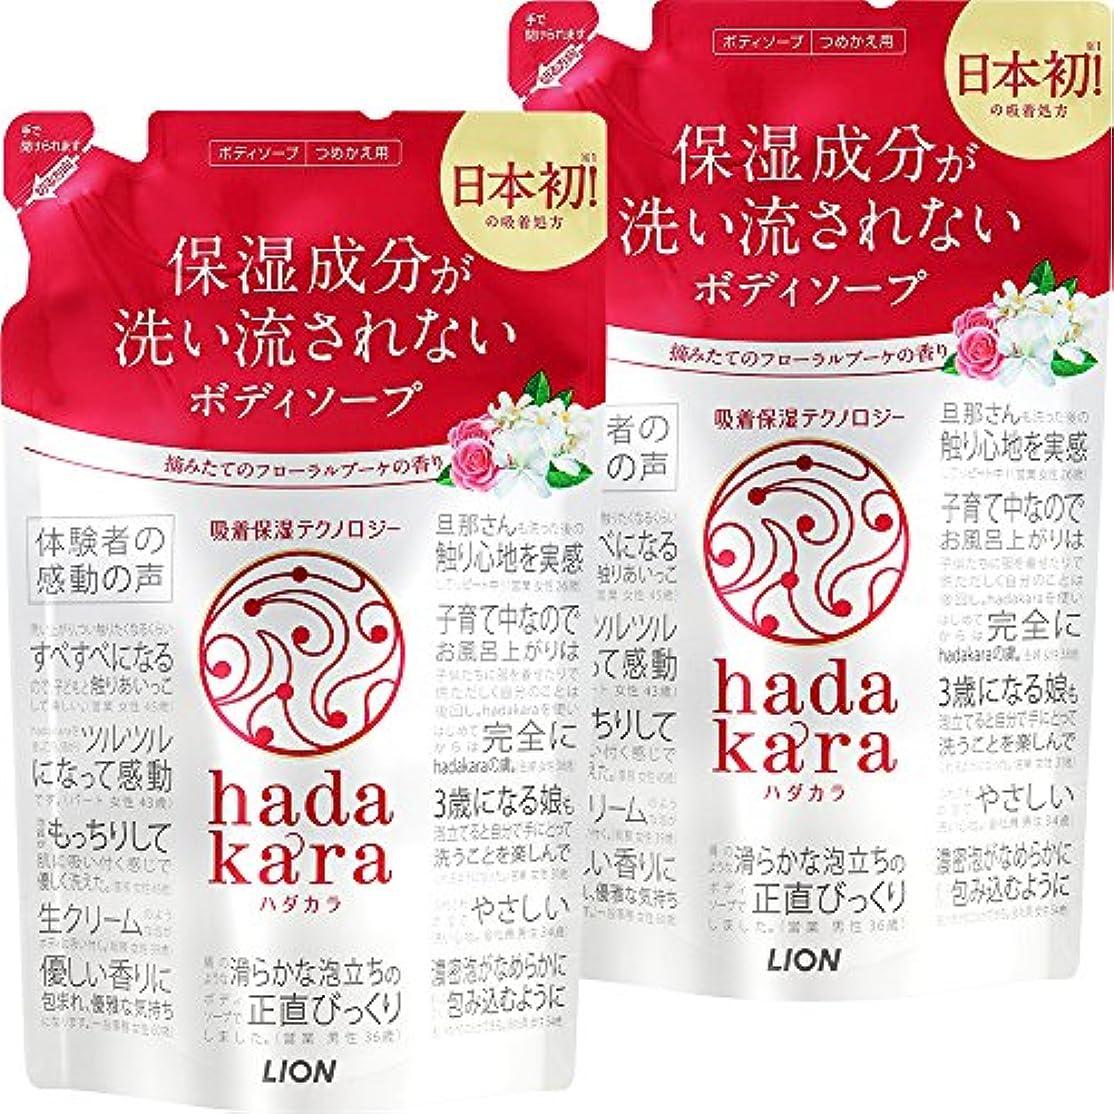 不満リスキーな叱るまとめ買い hadakara(ハダカラ) ボディソープ フレッシュフローラルの香り 詰め替え 360ml×2個パック フローラルブーケ